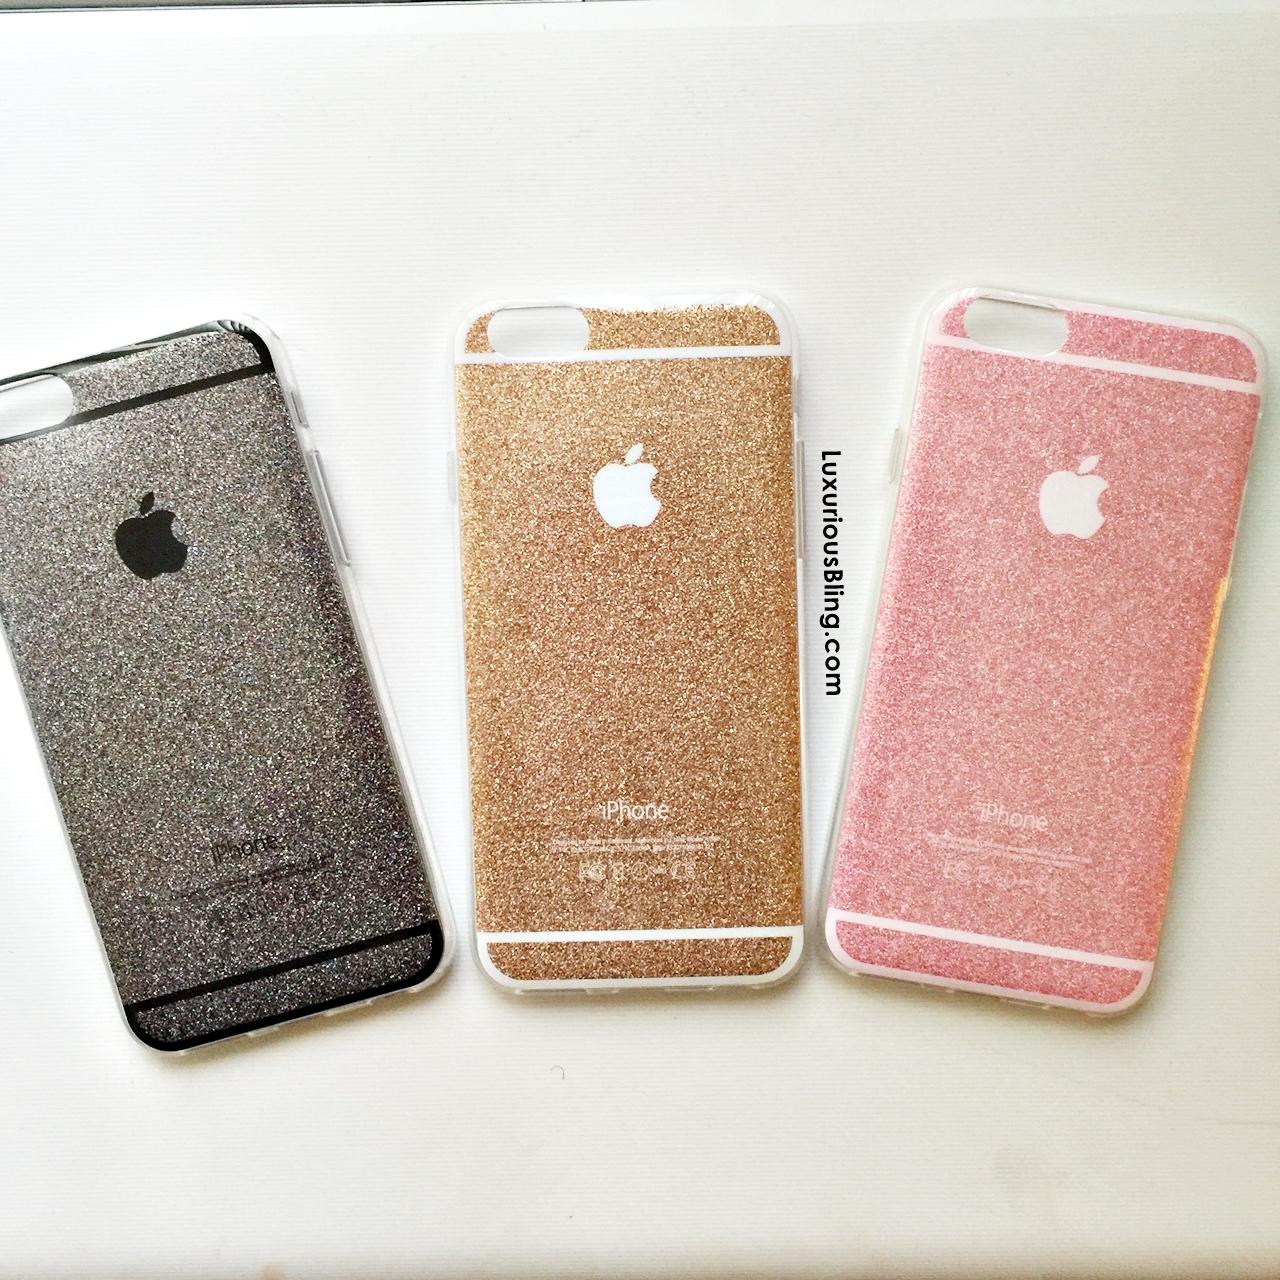 glitter iphone case iphone 6 6s iphone 6 plus 6 plus s